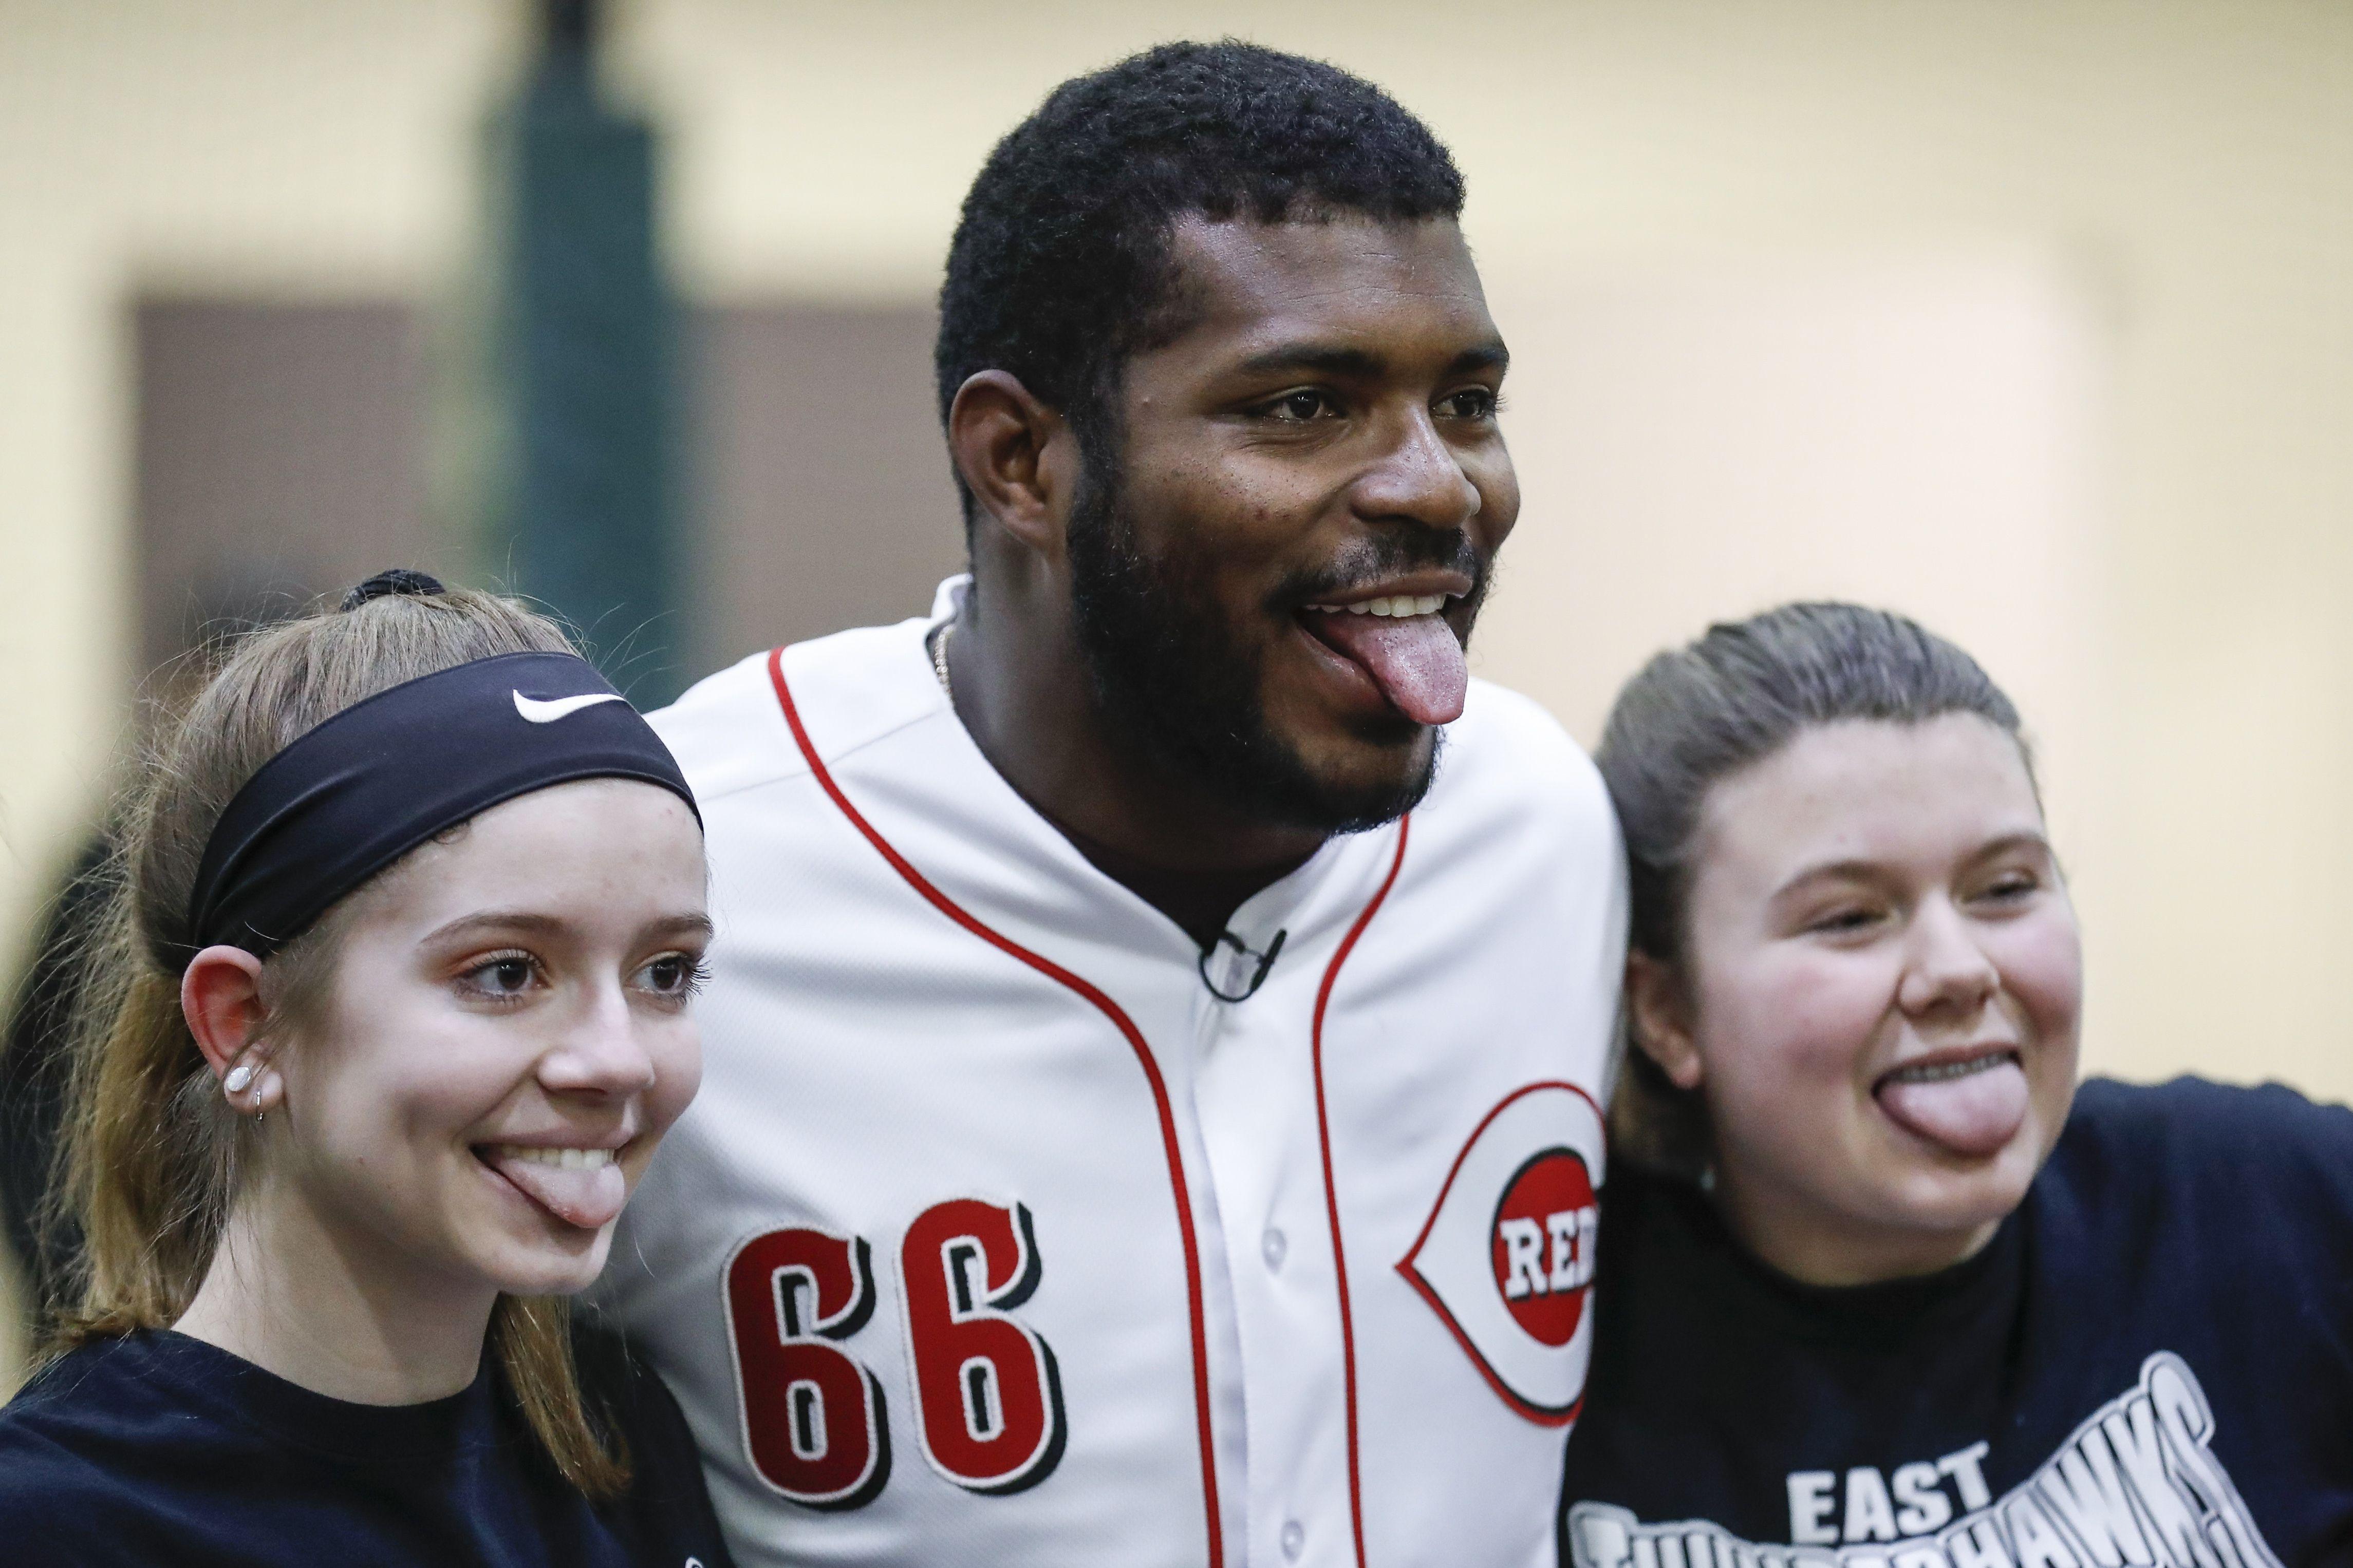 Yasiel Puig de los Rojos de Cincinnati posa para fotos con dos deportistas durante una presentación de la academia juvenil de los Rojos, el miércoles 30 de enero de 2019. (AP Foto/John Minchillo)